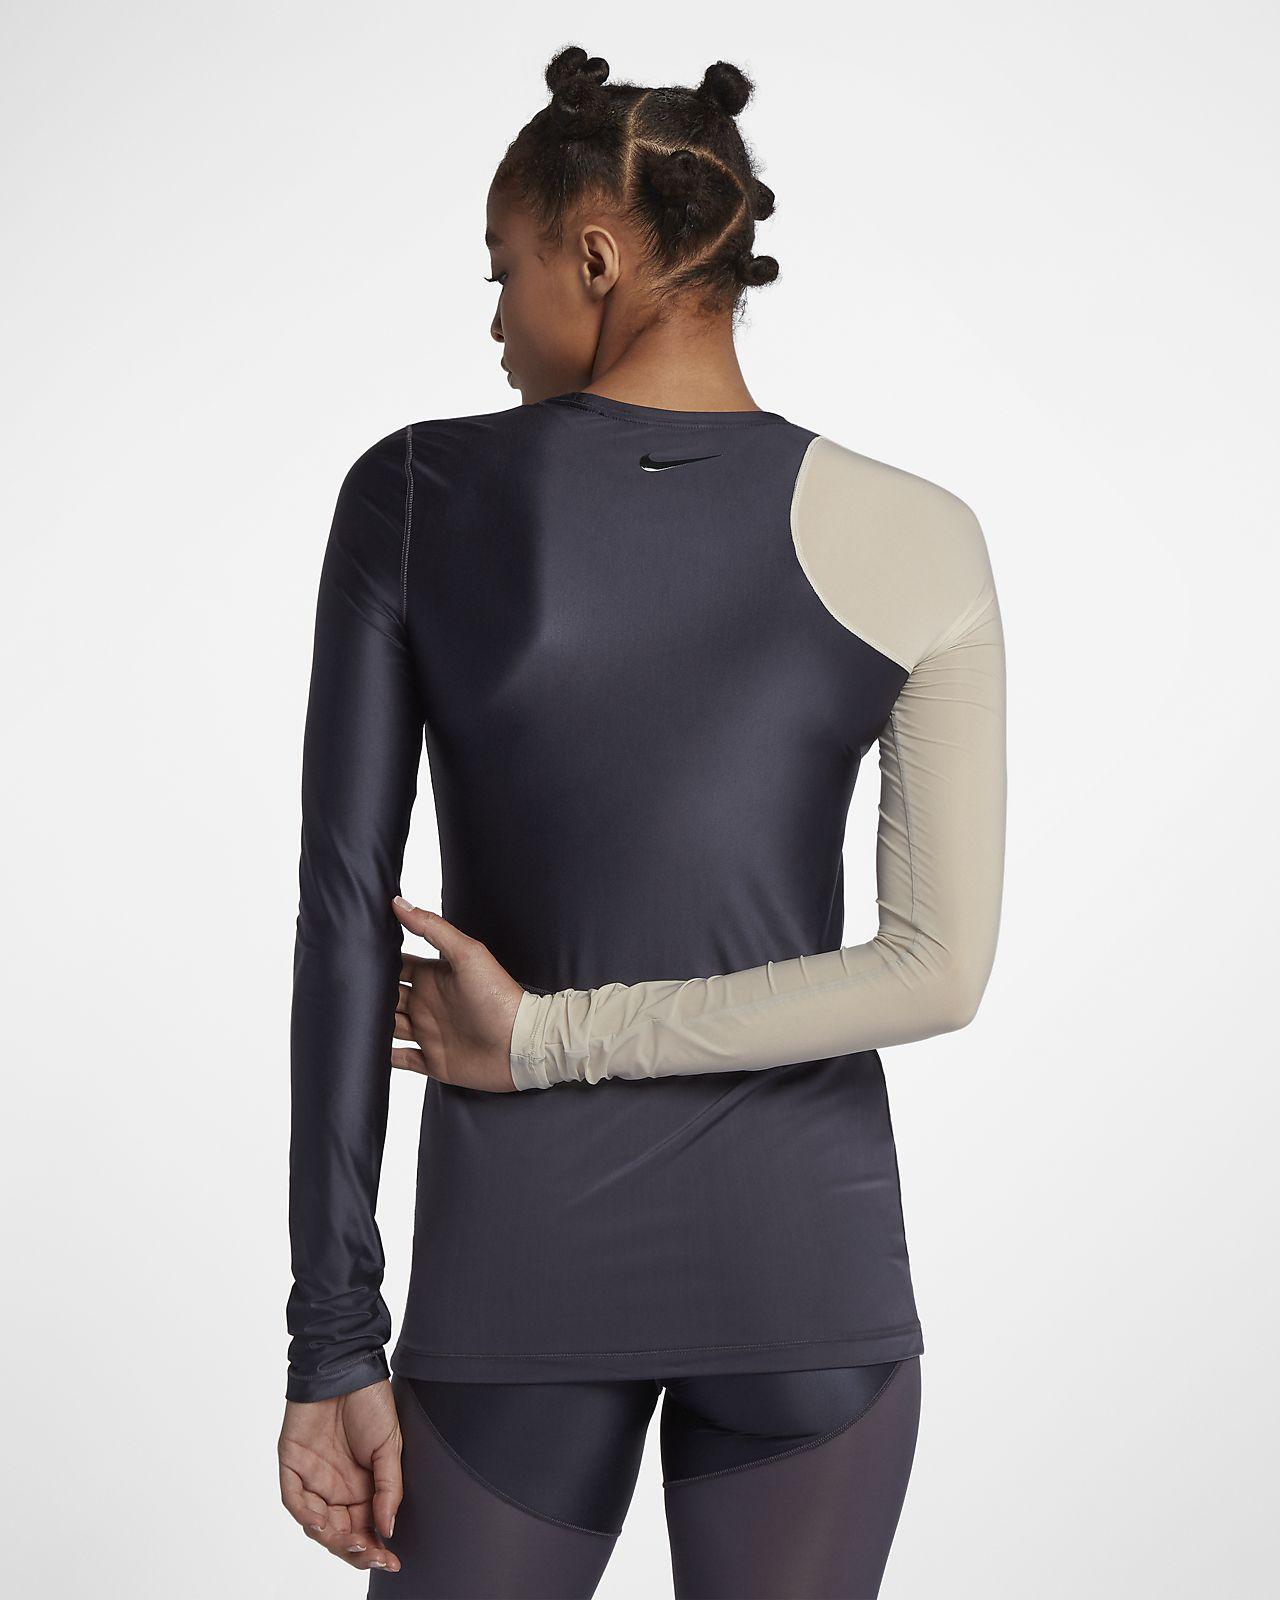 Haut de training à manches longues Nike Pro HyperCool pour Femme ... 1be7999e819f